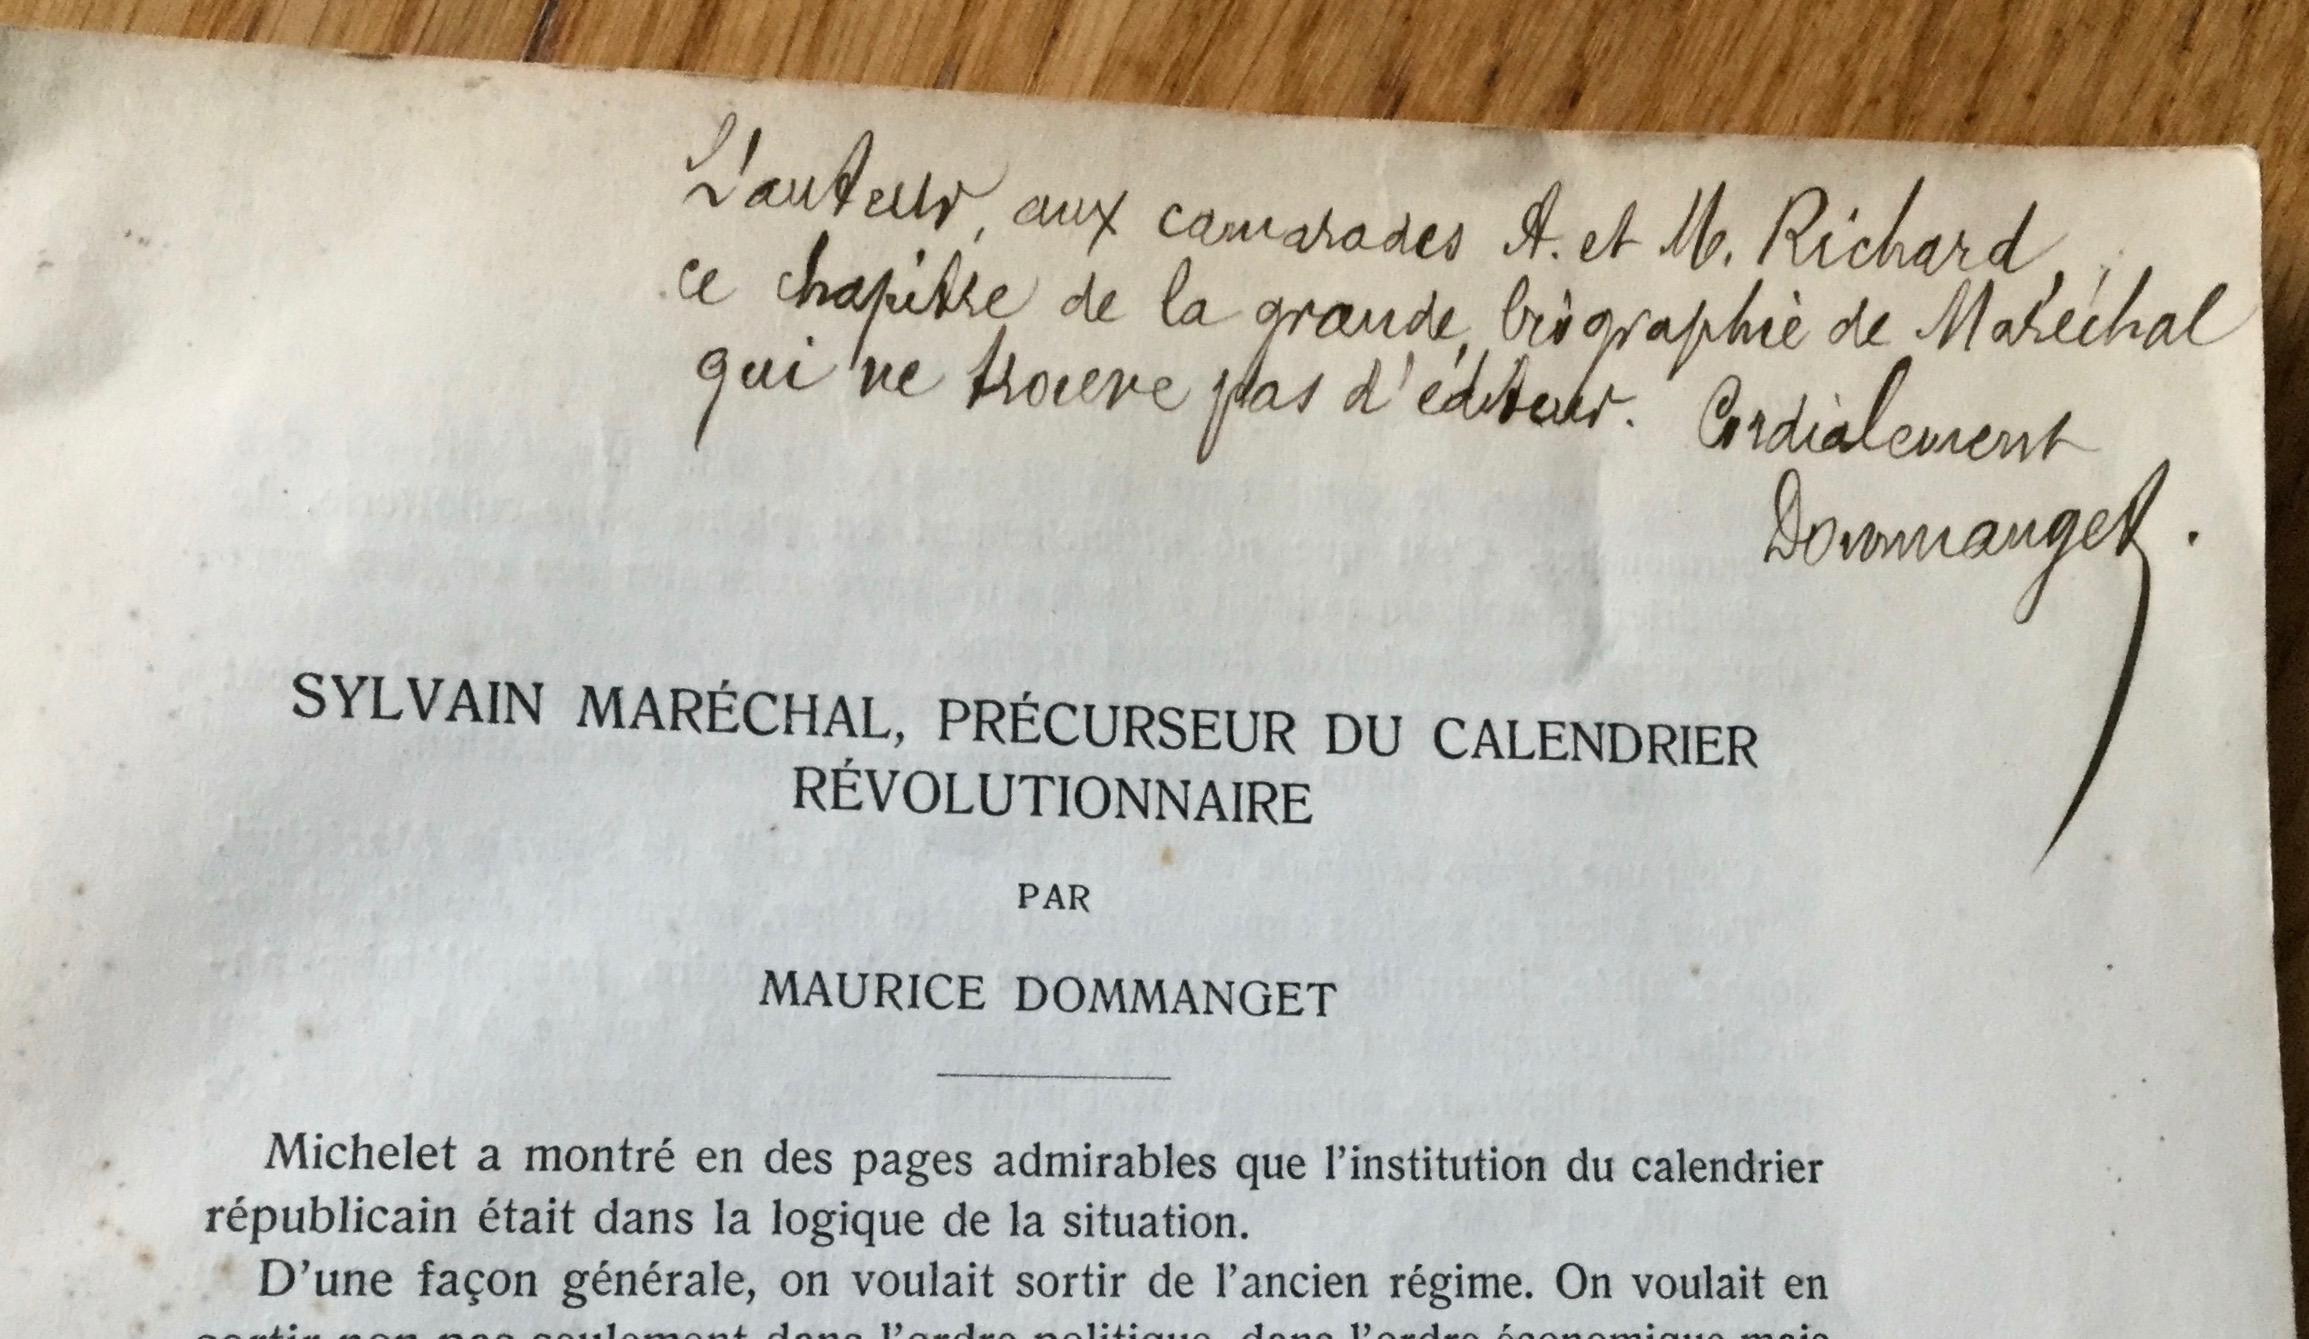 Le Calendrier Revolutionnaire.Sylvain Marechal Precurseur Du Calendrier